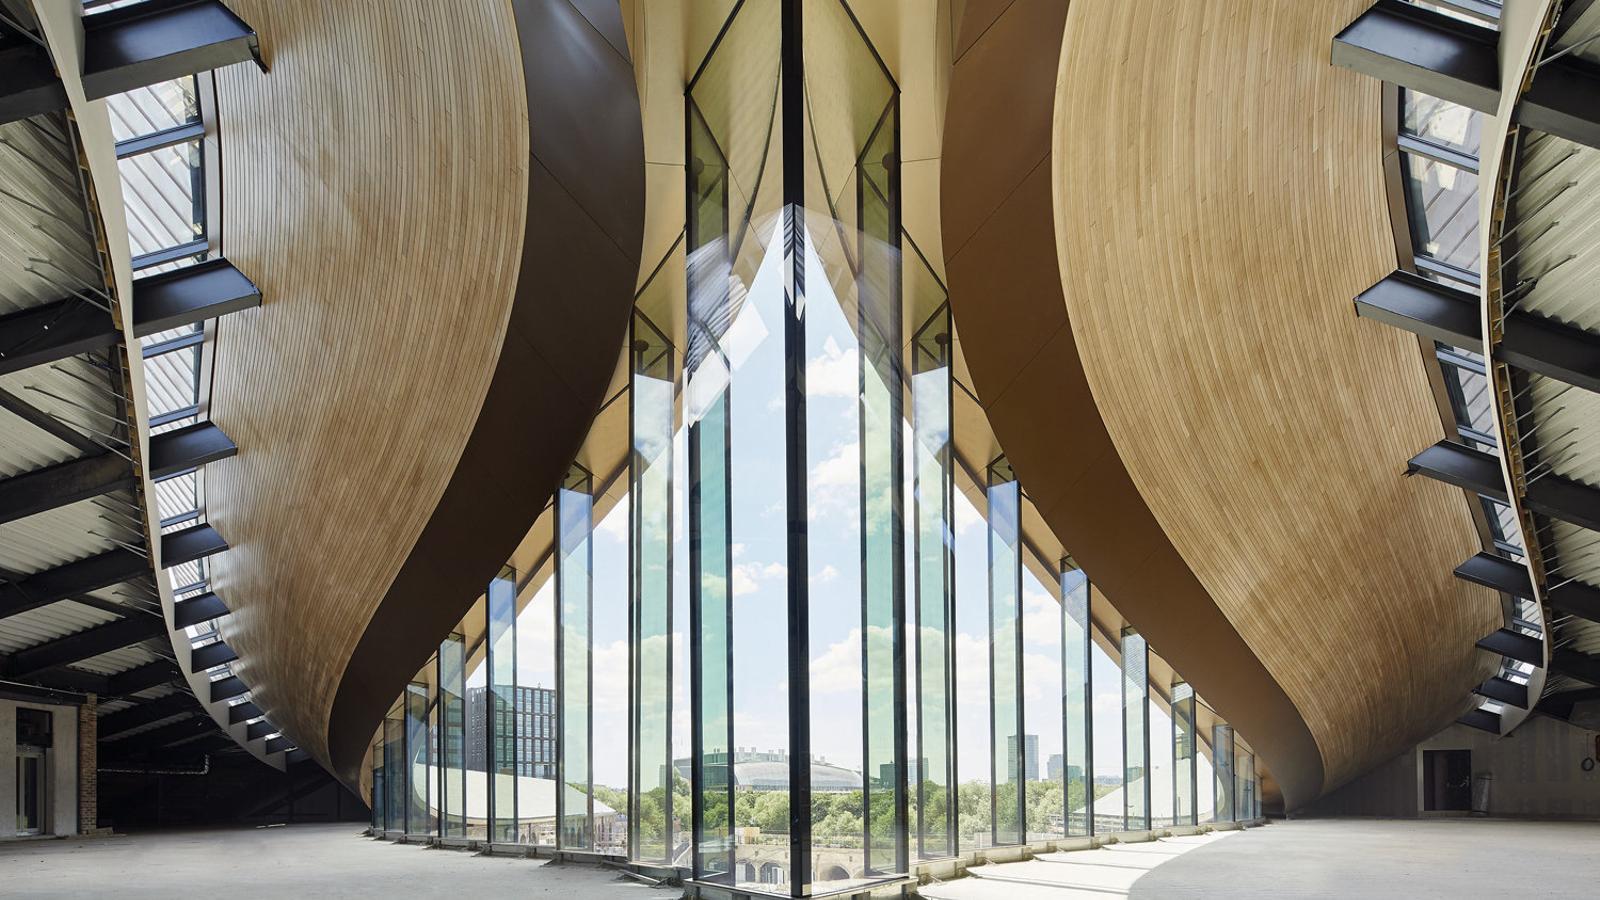 La deformació de les teulades fa sorgir un nivell superior i crea una plaça interior, que s'observa en tota la seva plenitud en aquesta recreació virtual